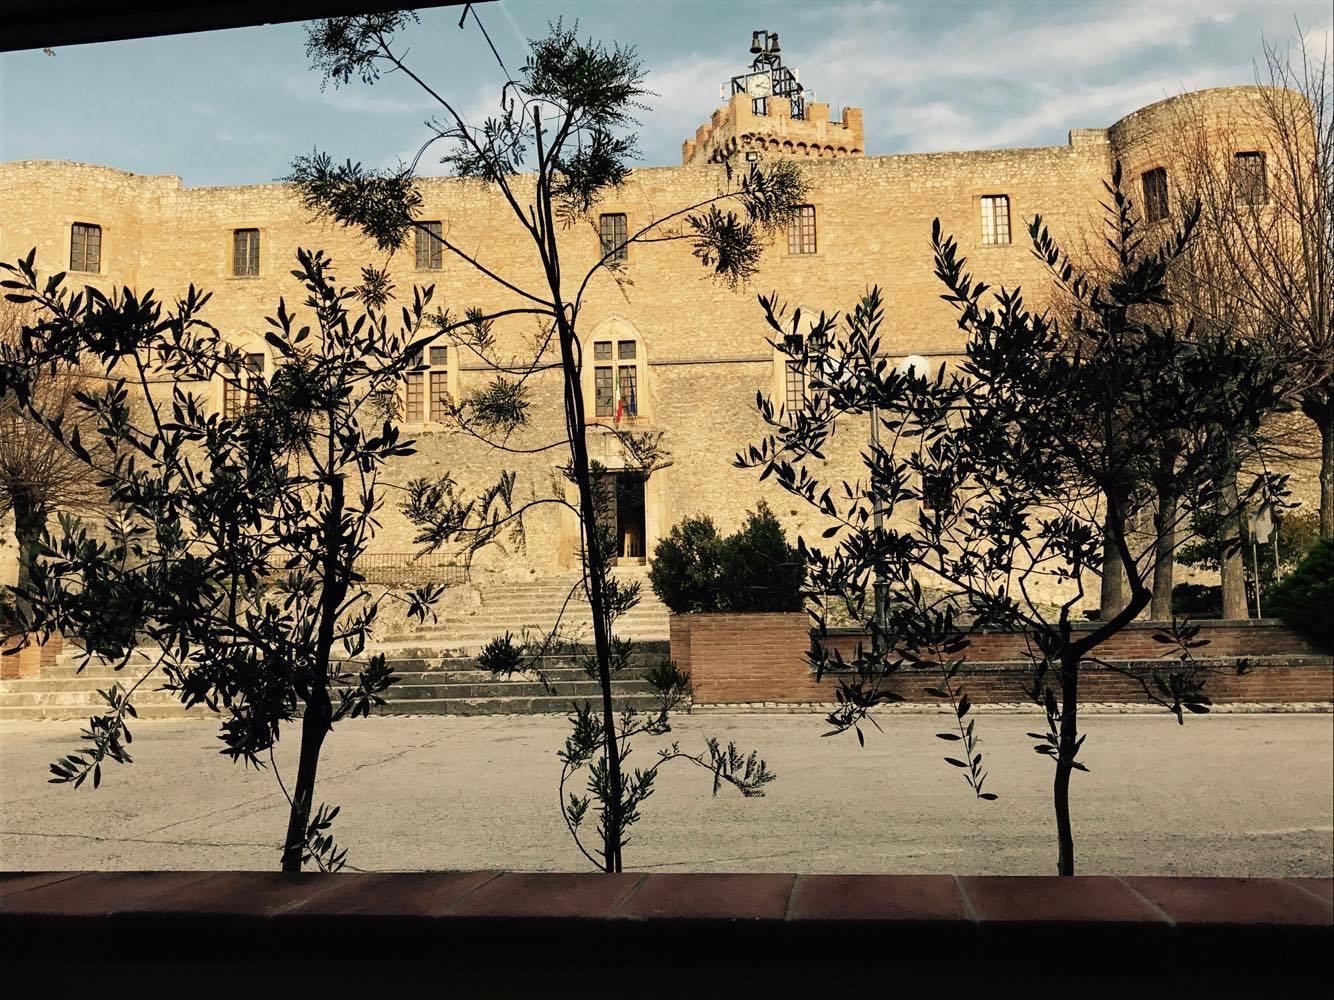 Foto in HD della facciata principale del Castello di Capestrano che ridà sul caseggiato, scatttata dalla veranda del Ristorante Il Castello. Si ringraziano i titolari per averci concesso la foto